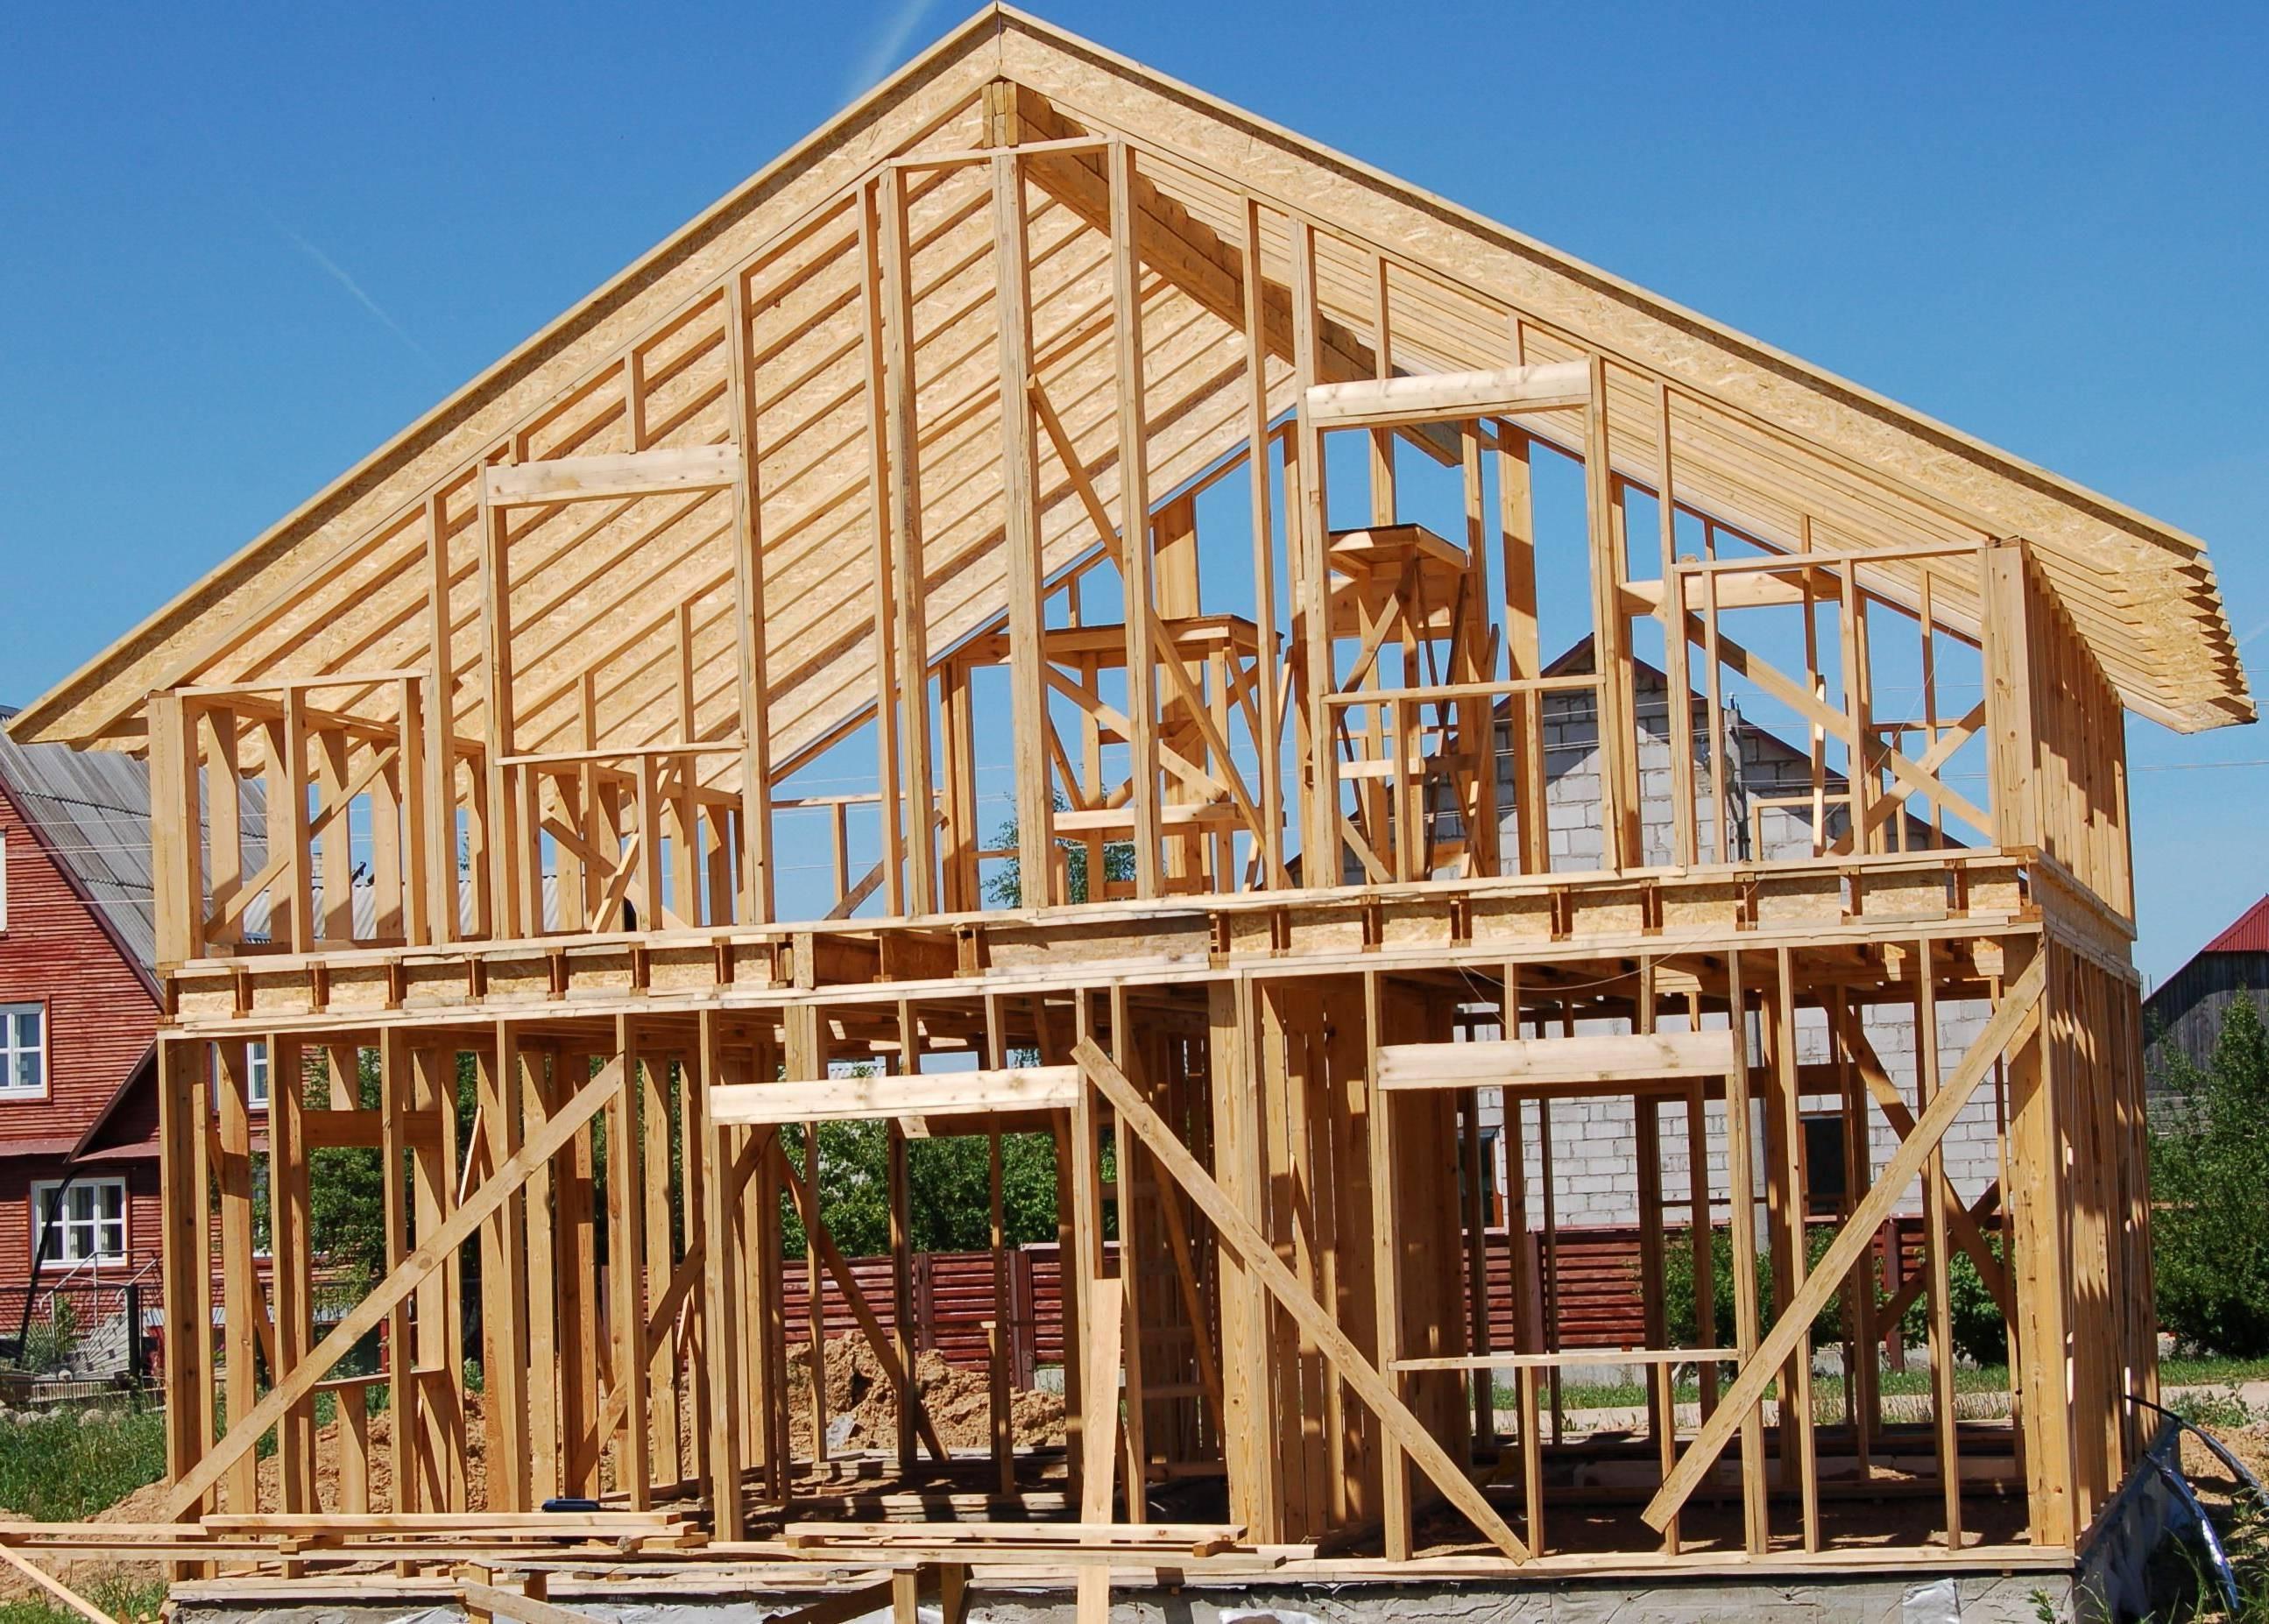 Из чего лучше строить дом? не совершайте моих ошибок. какой дом лучше построить для постоянного проживания вашей семьи